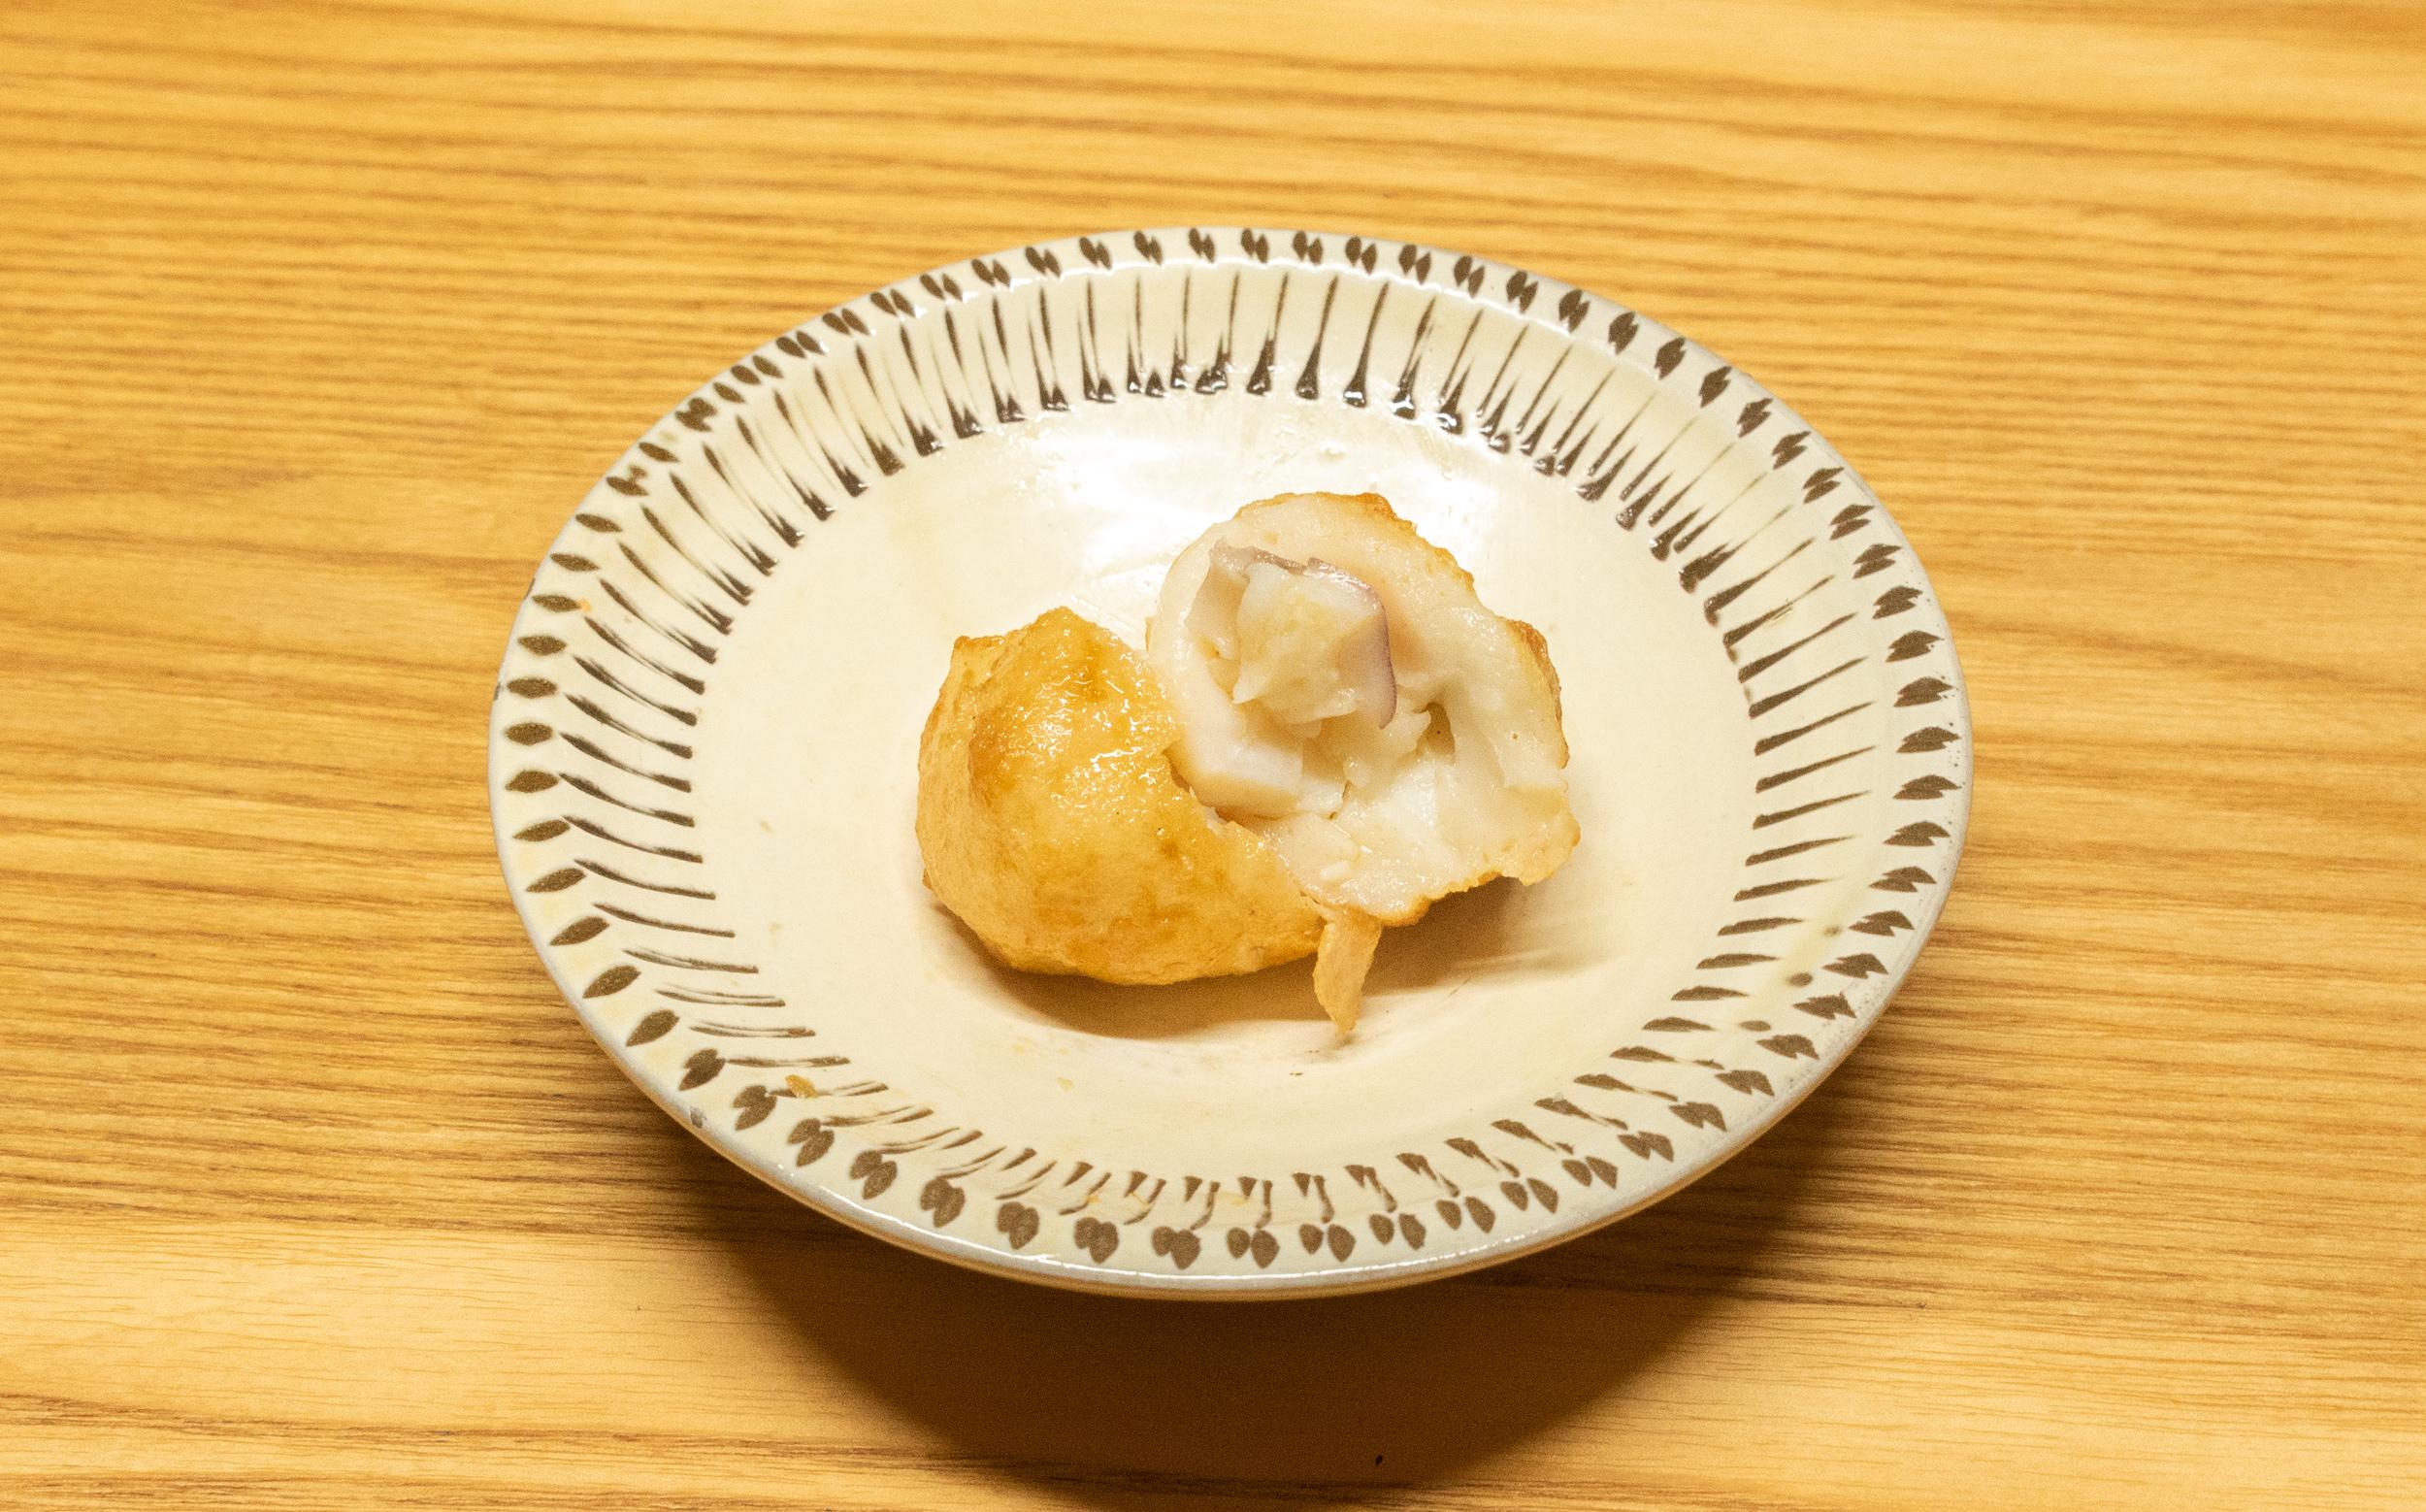 東京都板橋区蓮根 蓮根中央商店会 えびすや蒲鉾店のおでん種:もんごういか